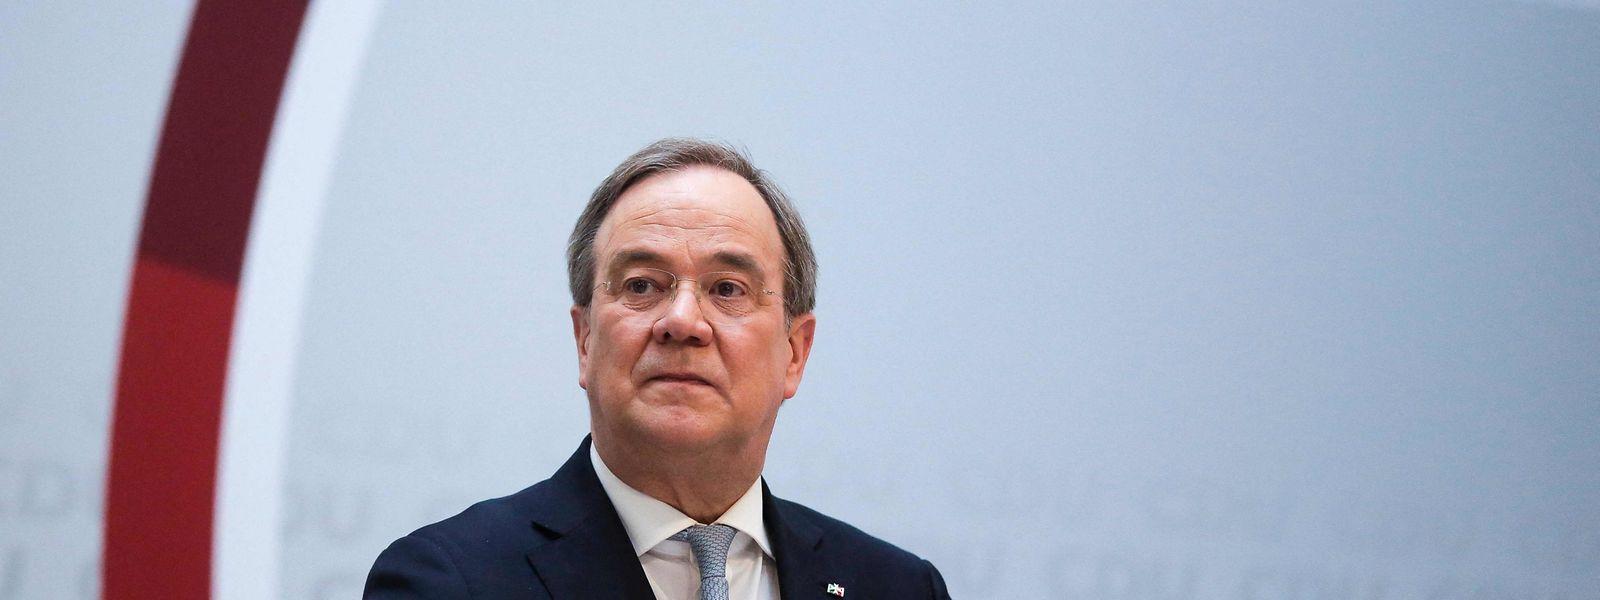 Der CDU-Vorsitzende Armin Laschet kämpft nach langem Zögern entschieden um die Kanzlerkandidatur.